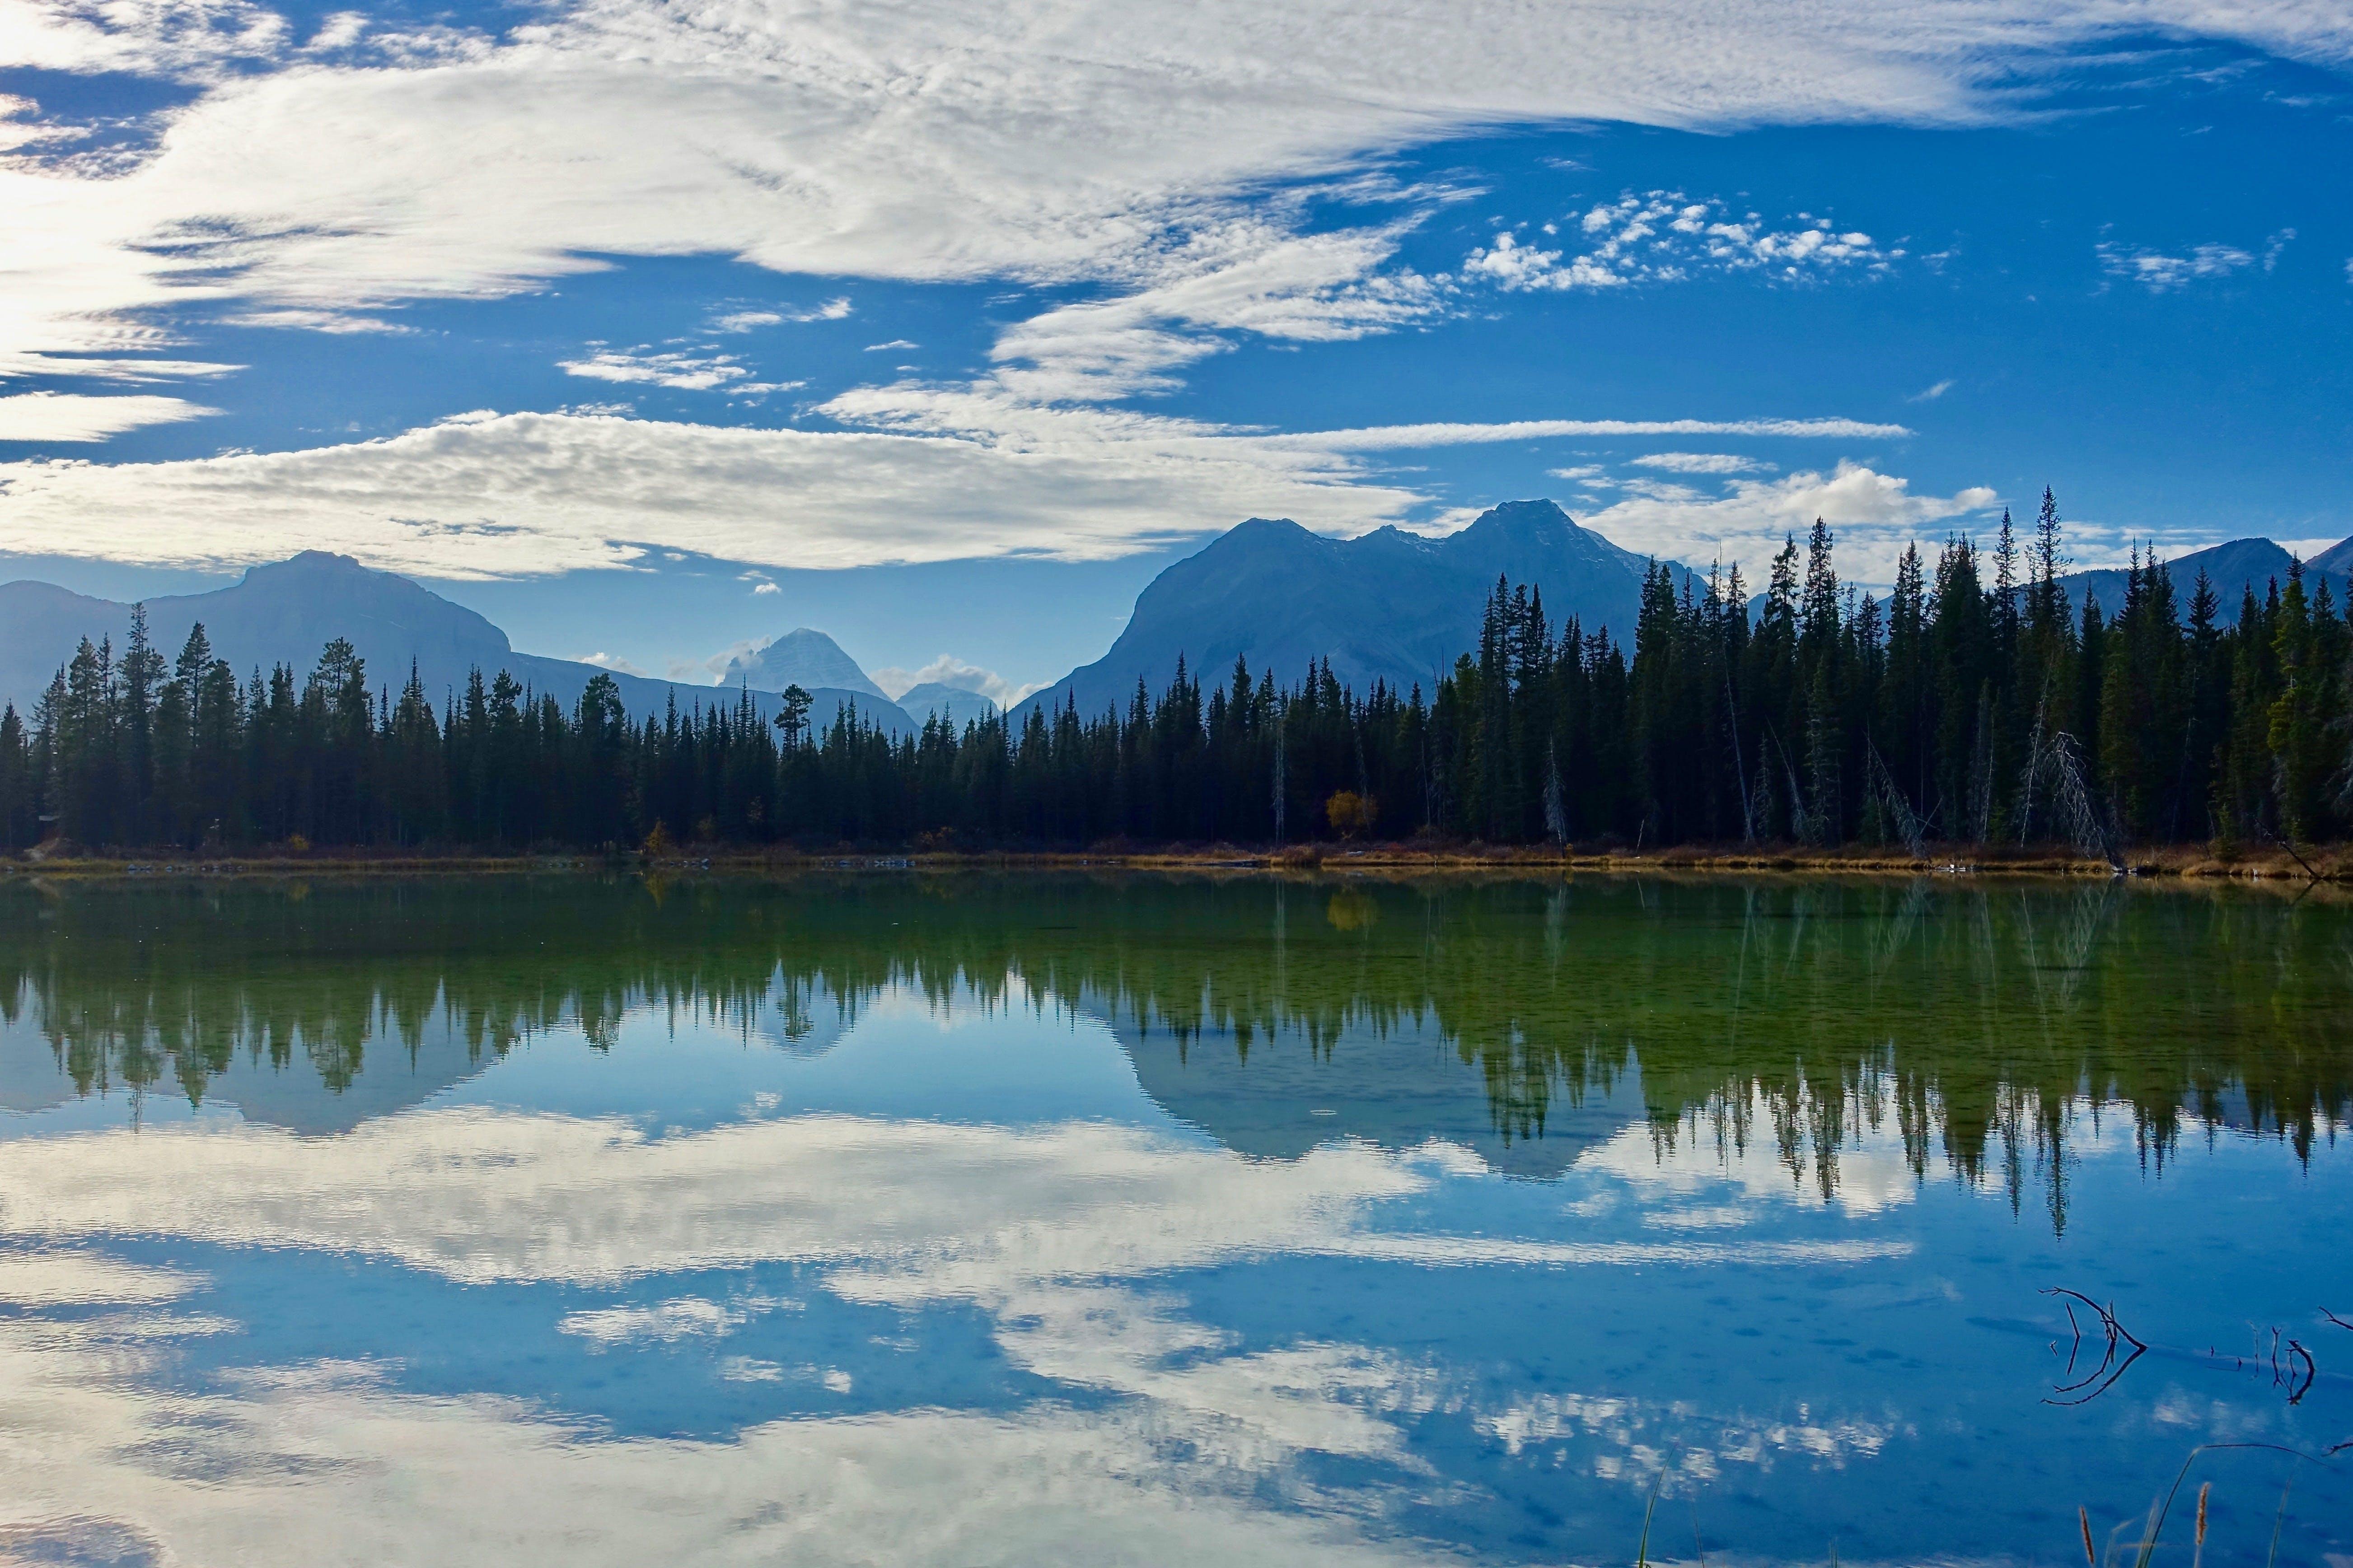 zu bäume, berg, friedvoll, landschaft